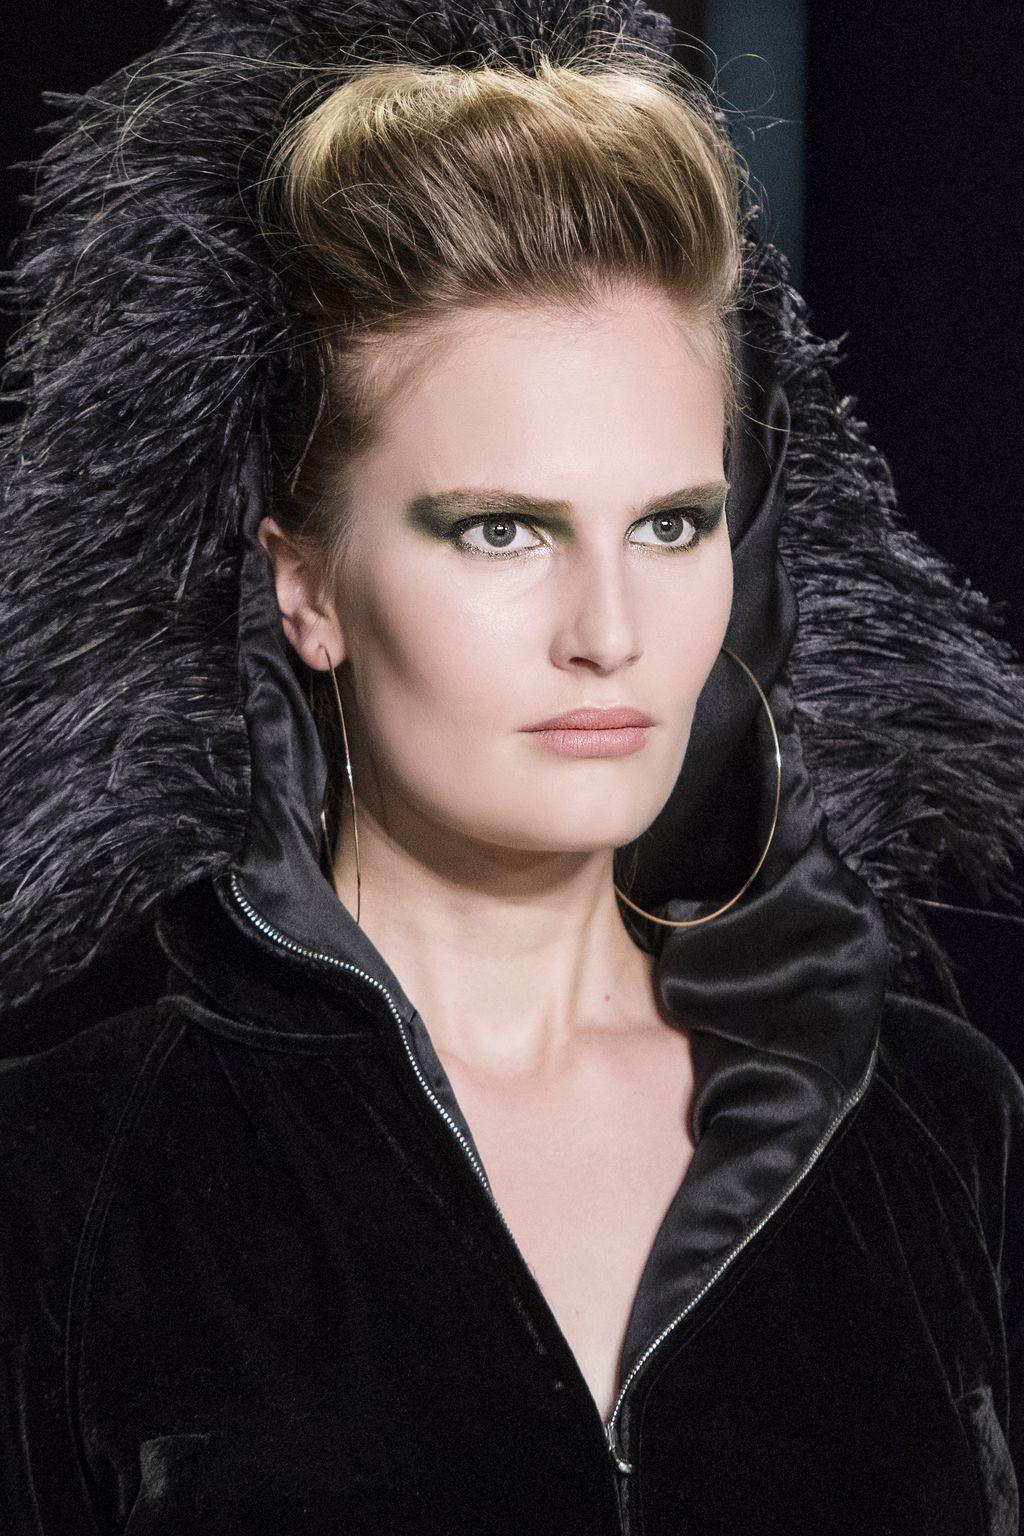 С подиума на вечеринку: яркий макияж на Хэллоуин-Фото 7